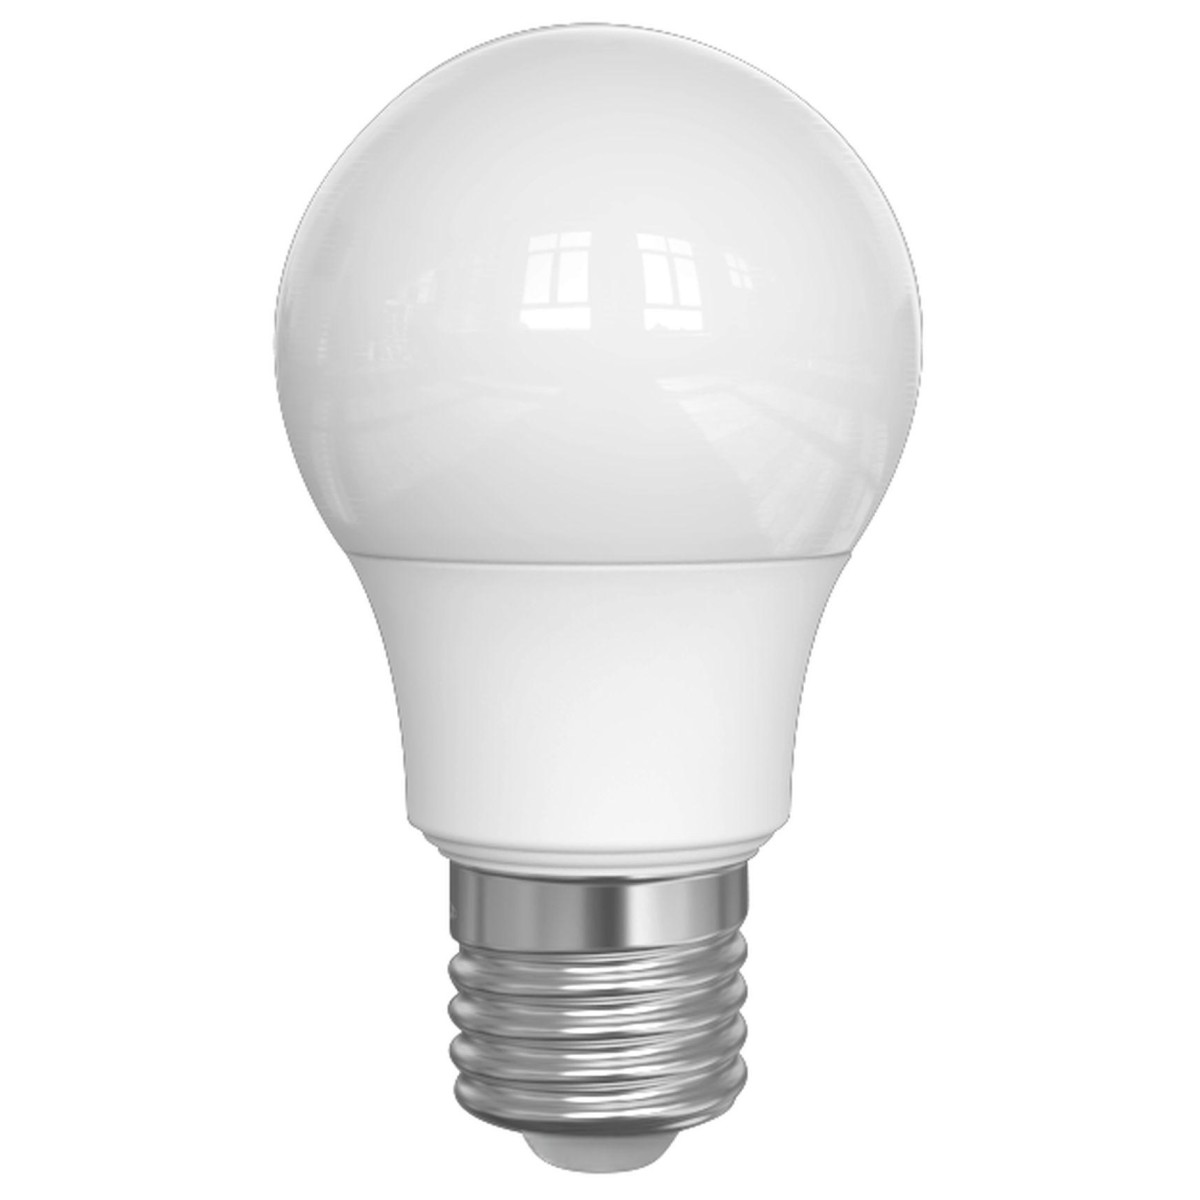 Лампа Ecola light светодионая E27 7 Вт груша 490 Лм нейтральный свет